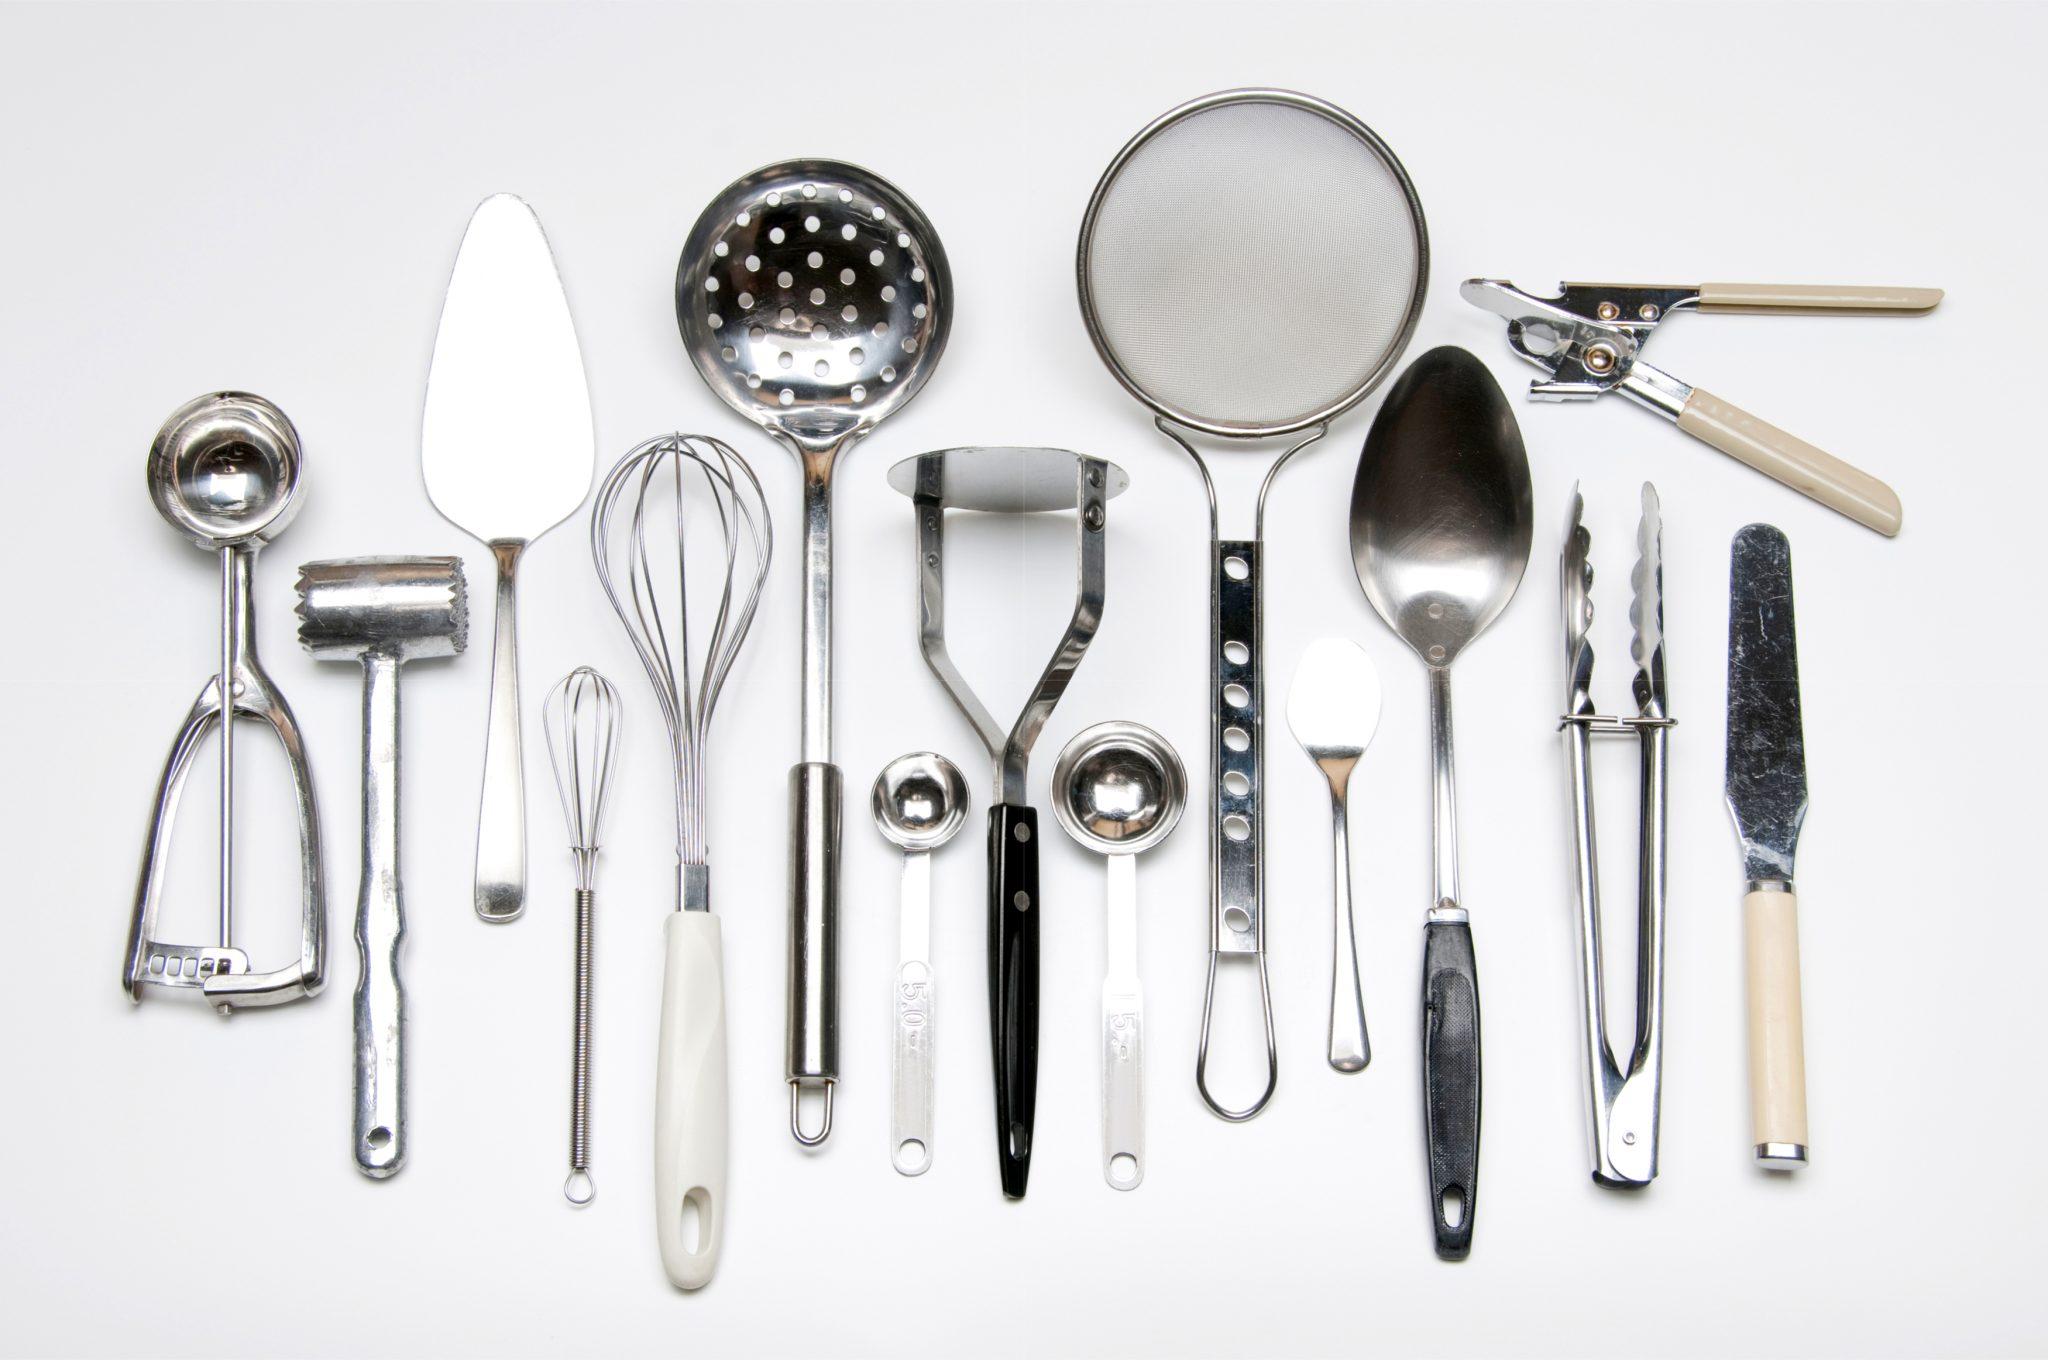 たくさんの調理器具を並べている